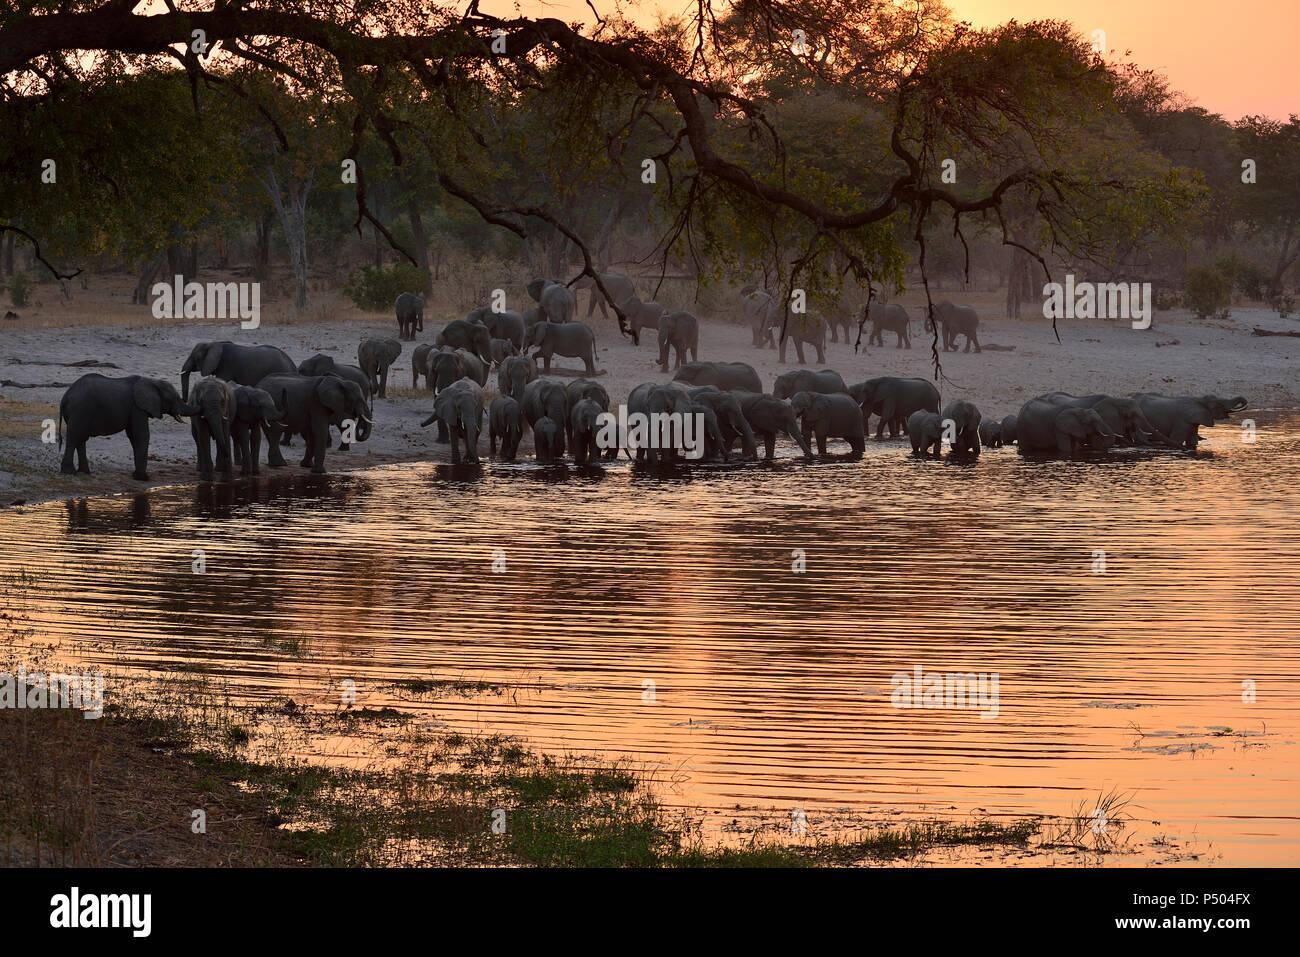 Africa, Namibia, Bwabwata National Park, Kwando Core Area, Horseshoe, Kwando river, herd of elephants in the evening, Loxodonta africana - Stock Image